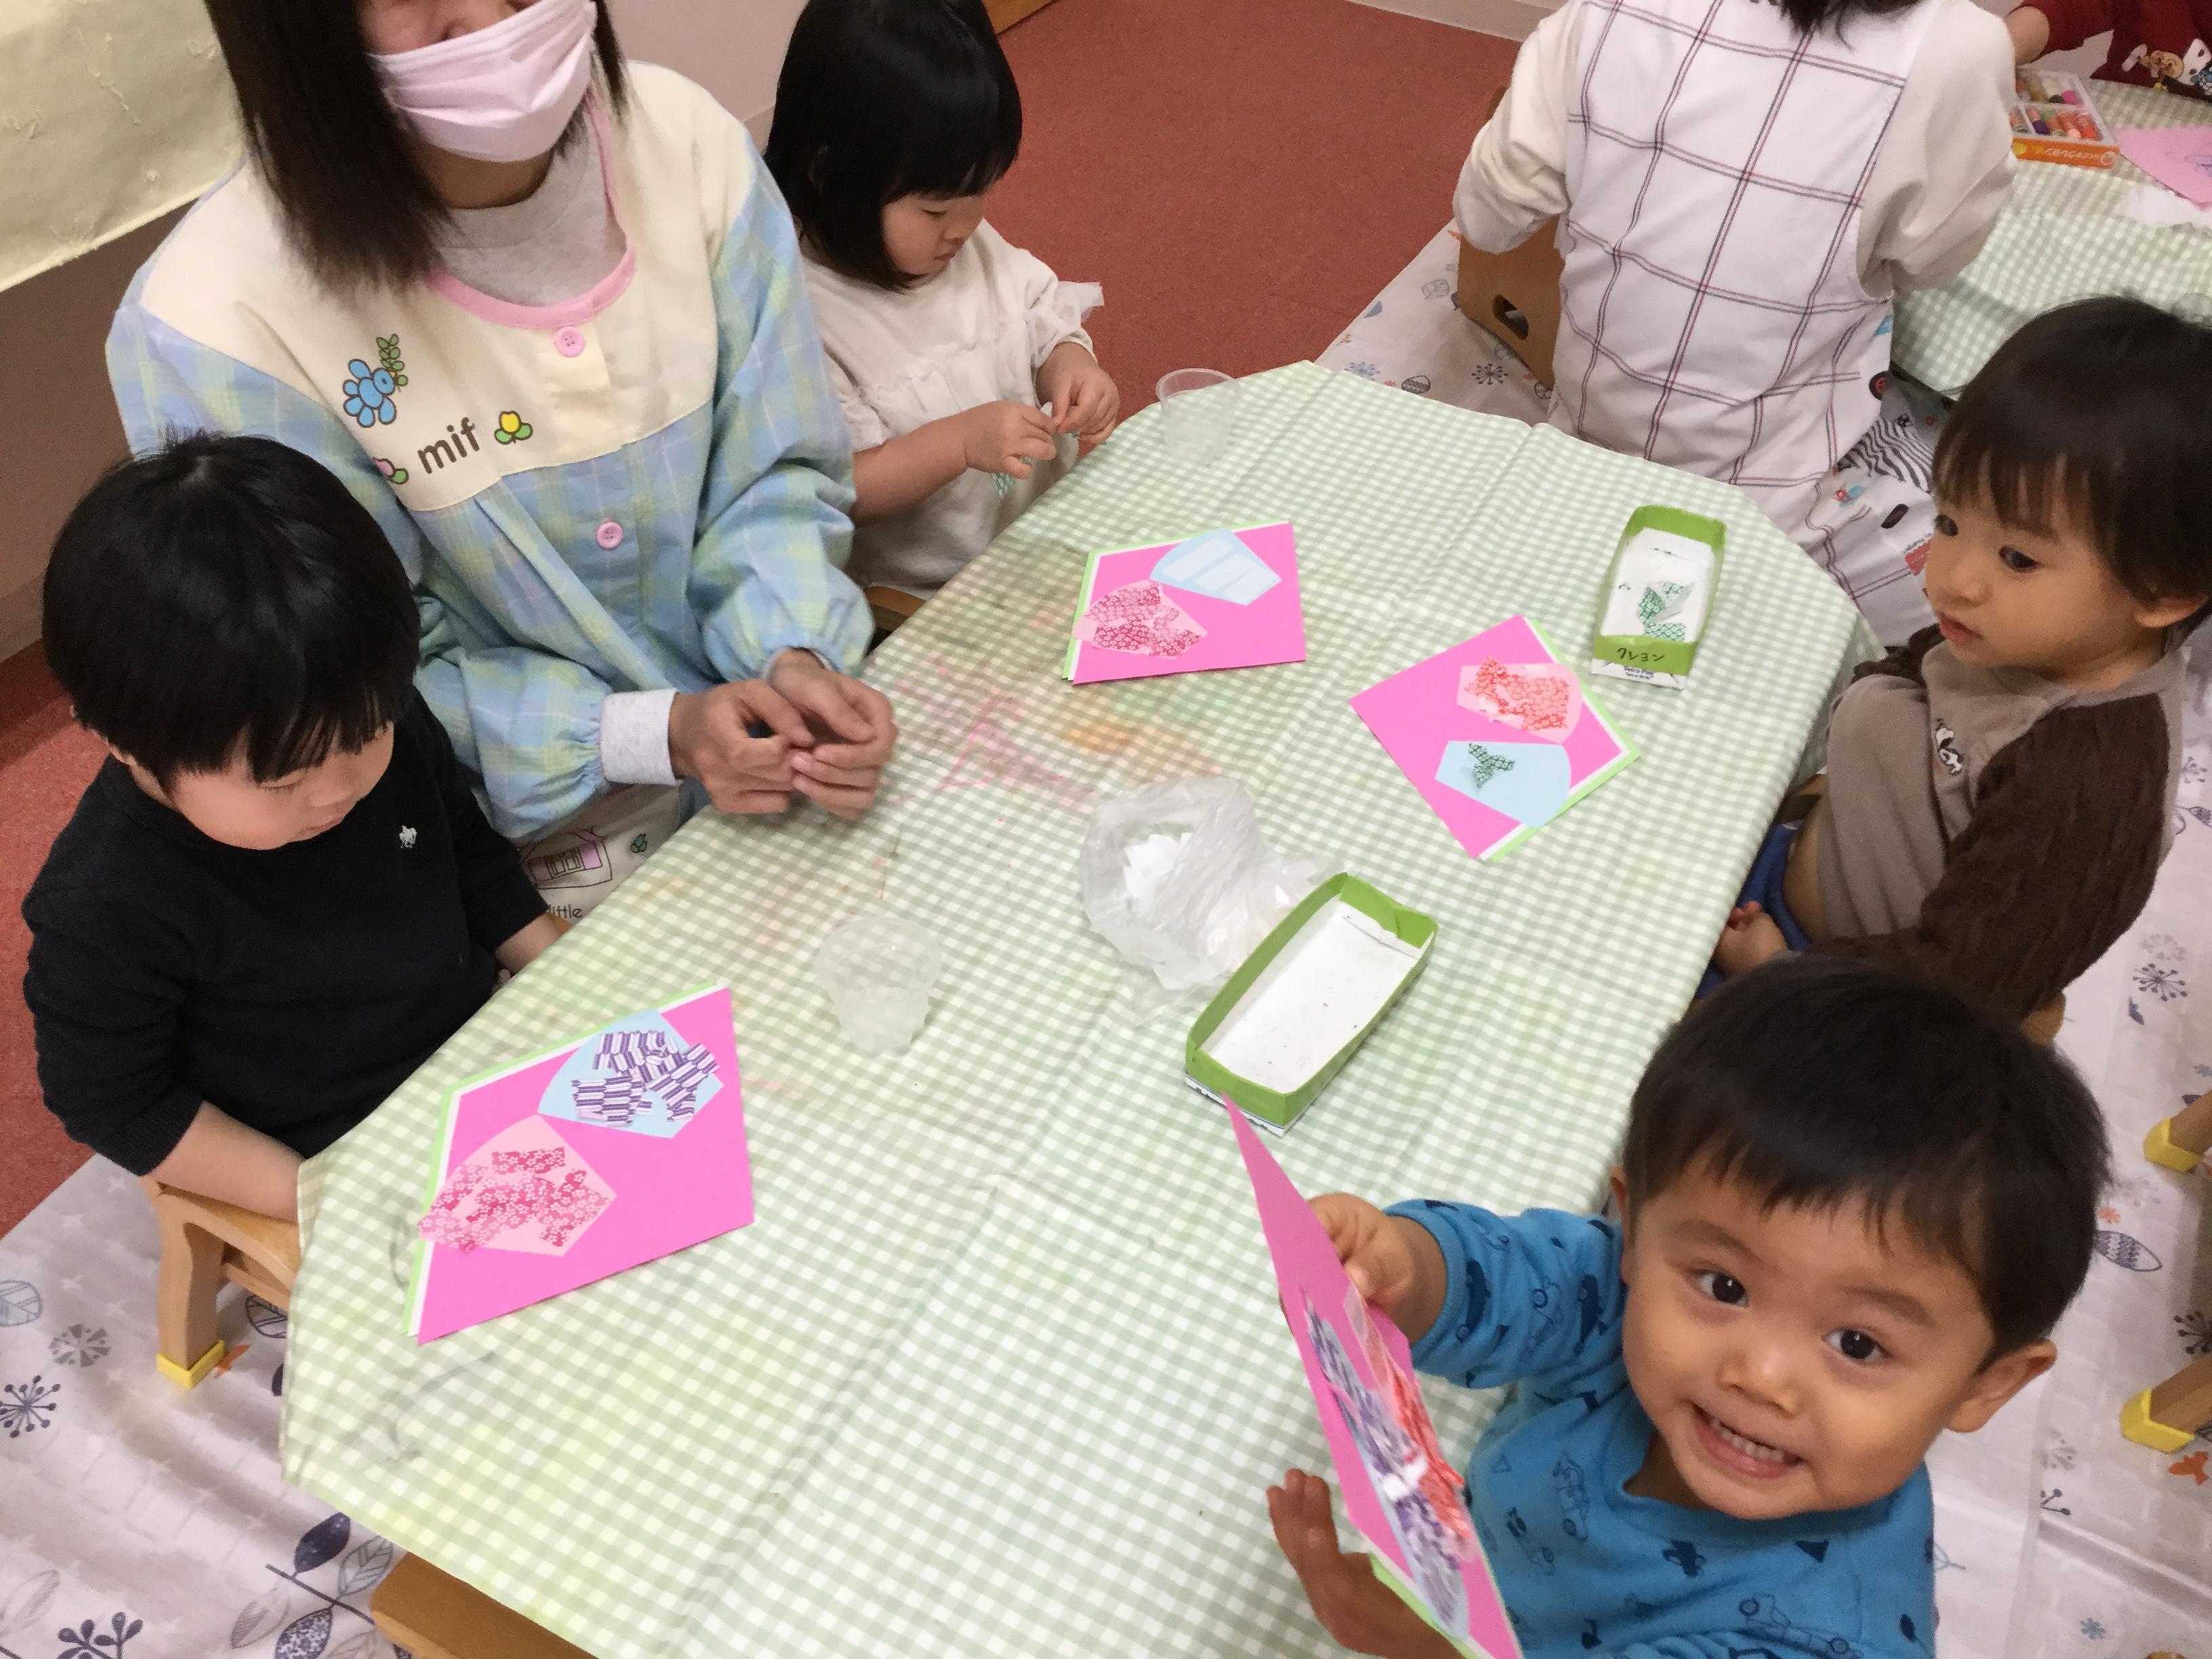 今日、ひかりぐみさんは折り紙をちぎって遊びました。一生懸命に、 折り紙をちぎっていました。